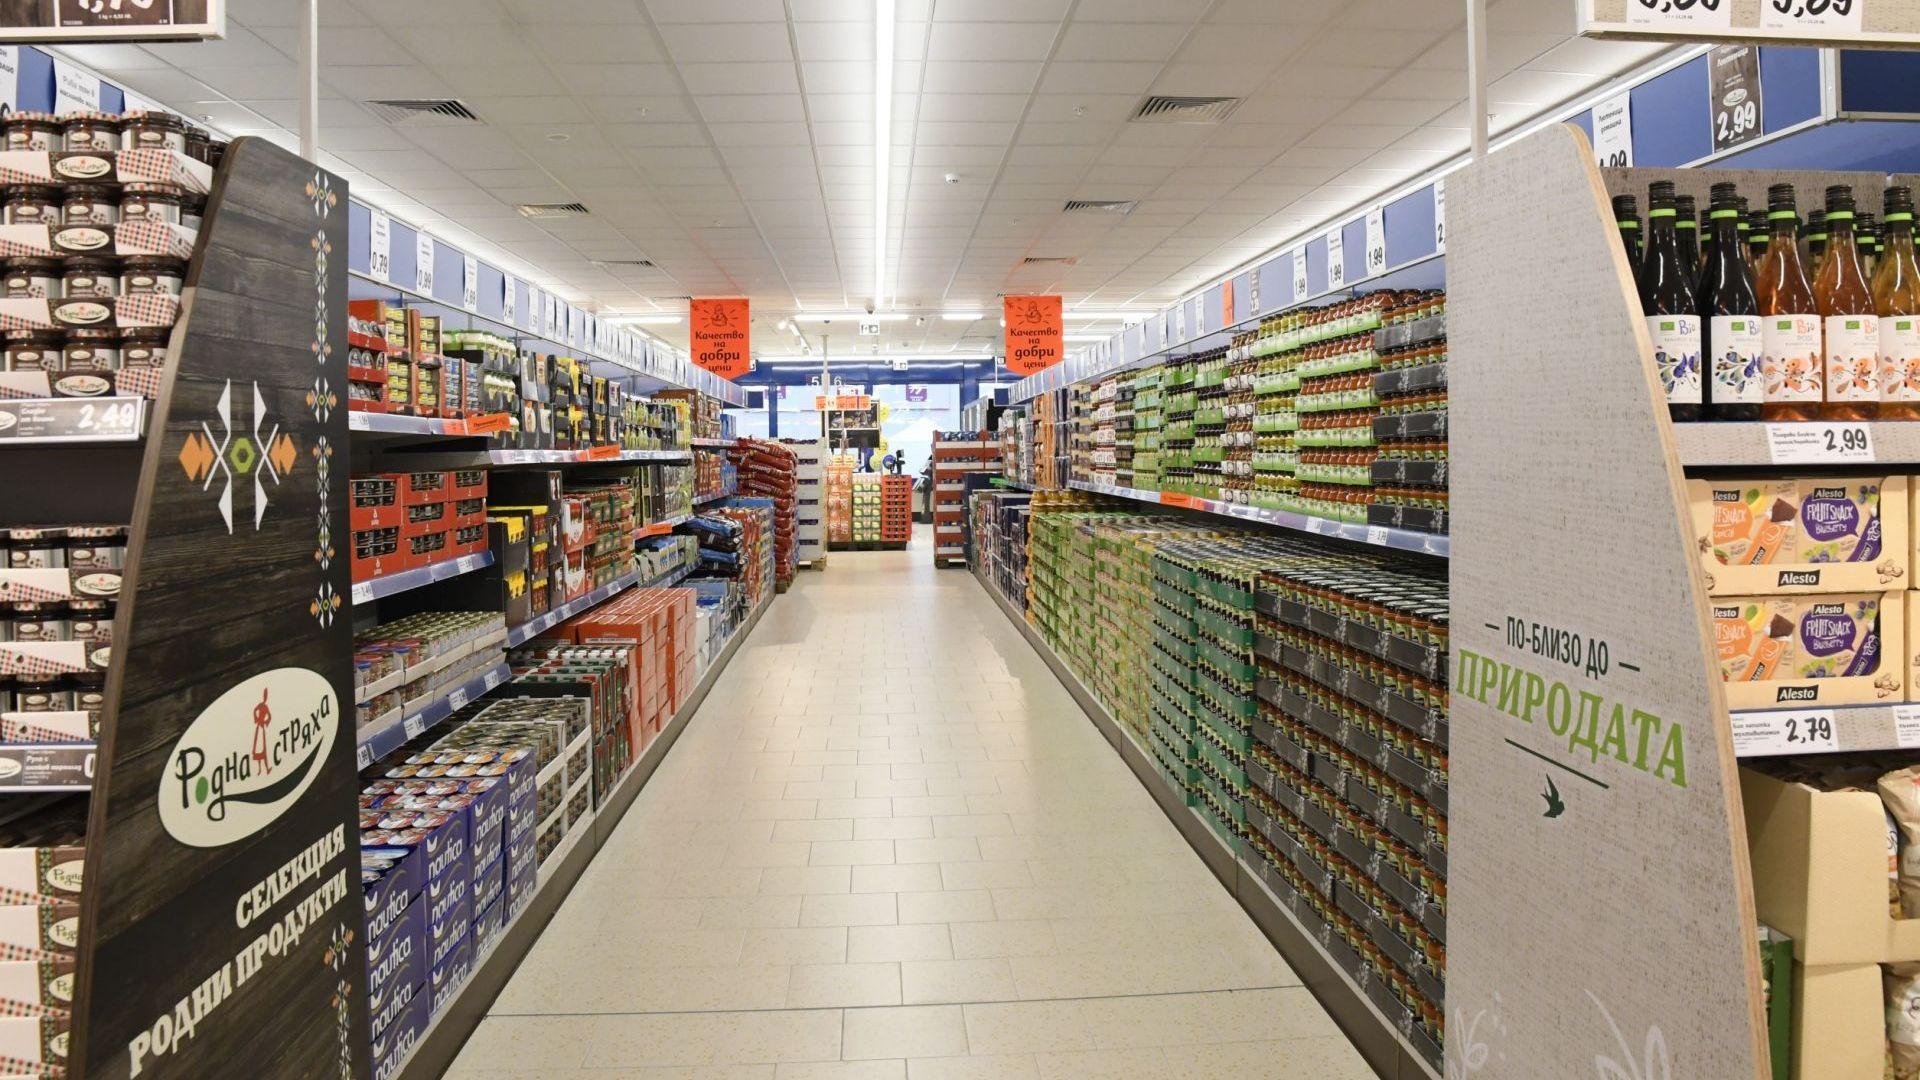 92 нови български продукта в LIDL за последните два месеца